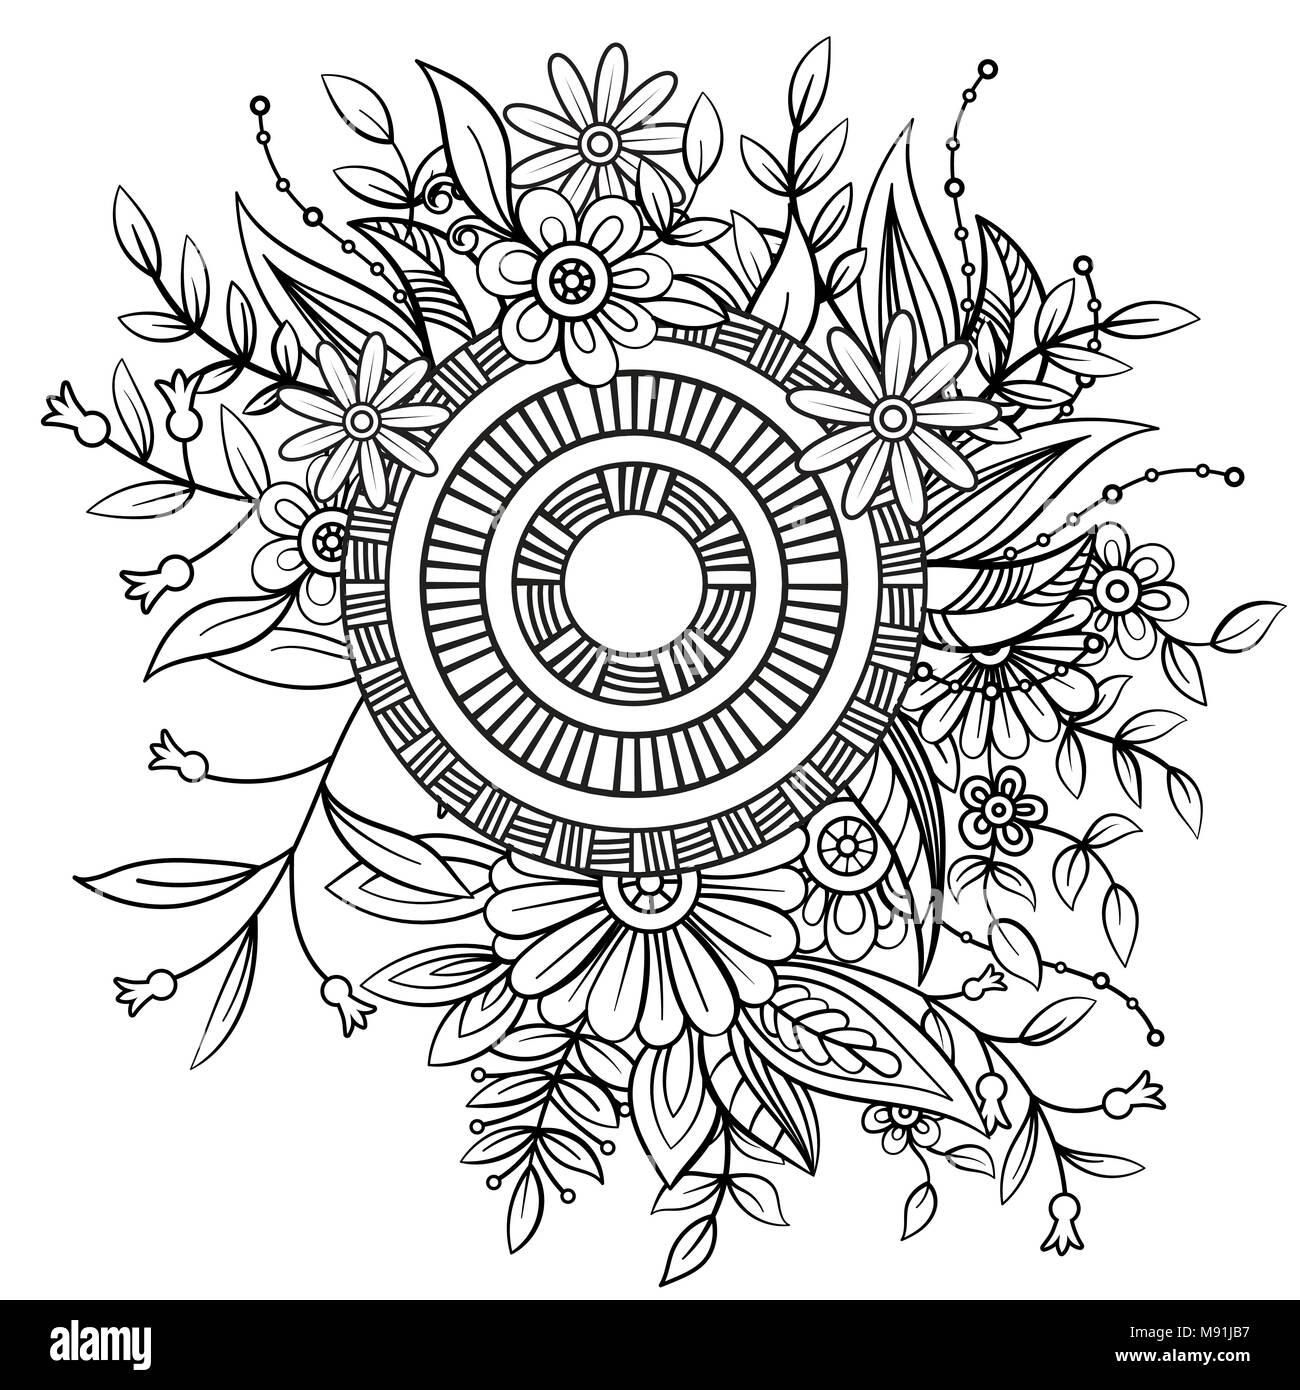 Mandala florale Muster in Schwarz und Weiß. Nach Malbuch Seite mit ...